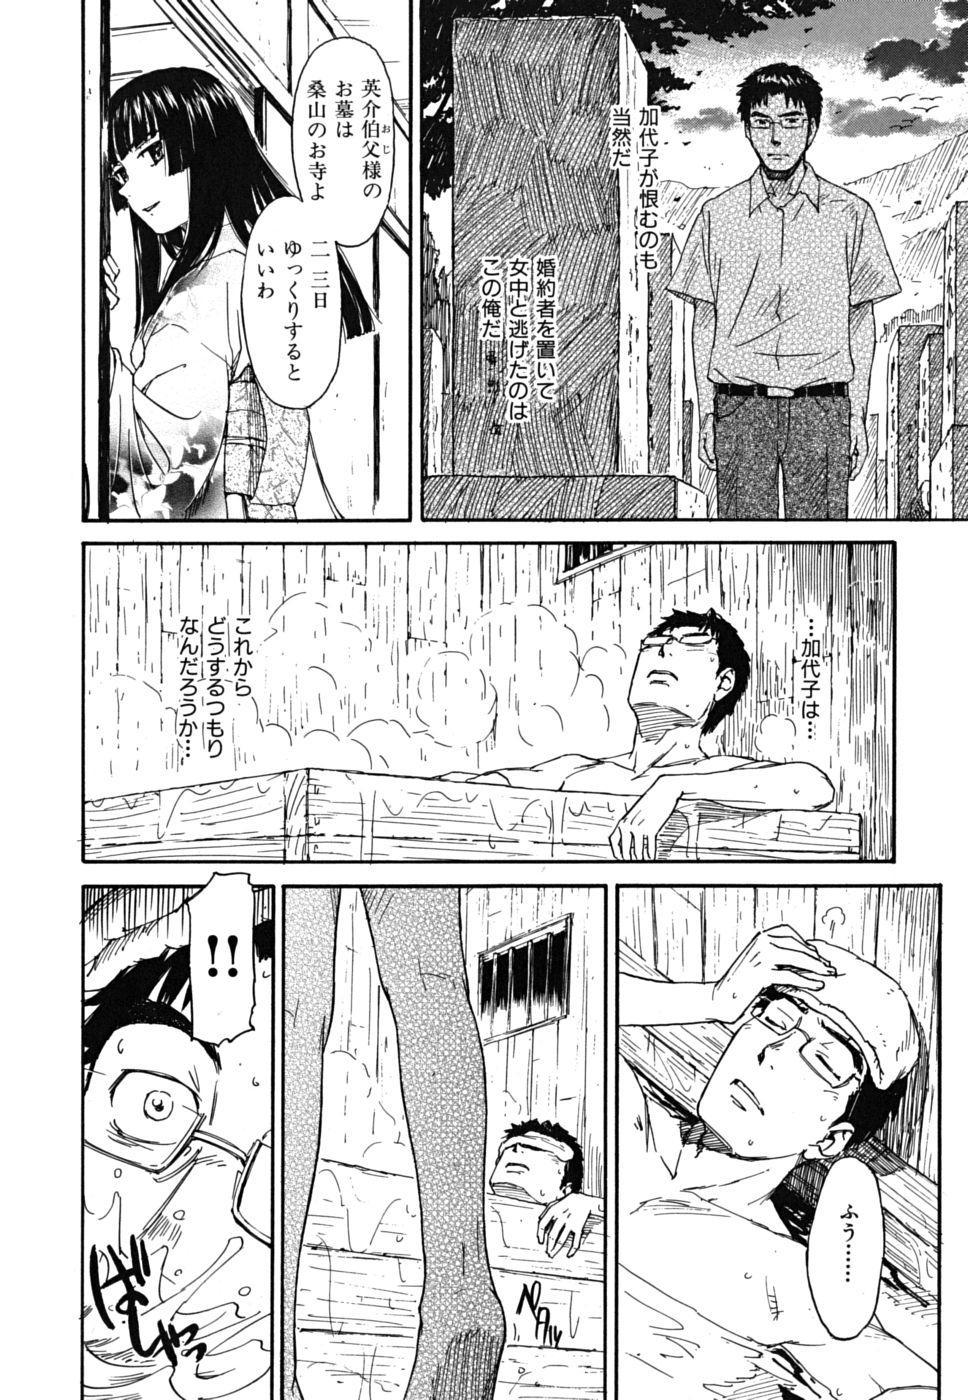 Shoujo Material 163